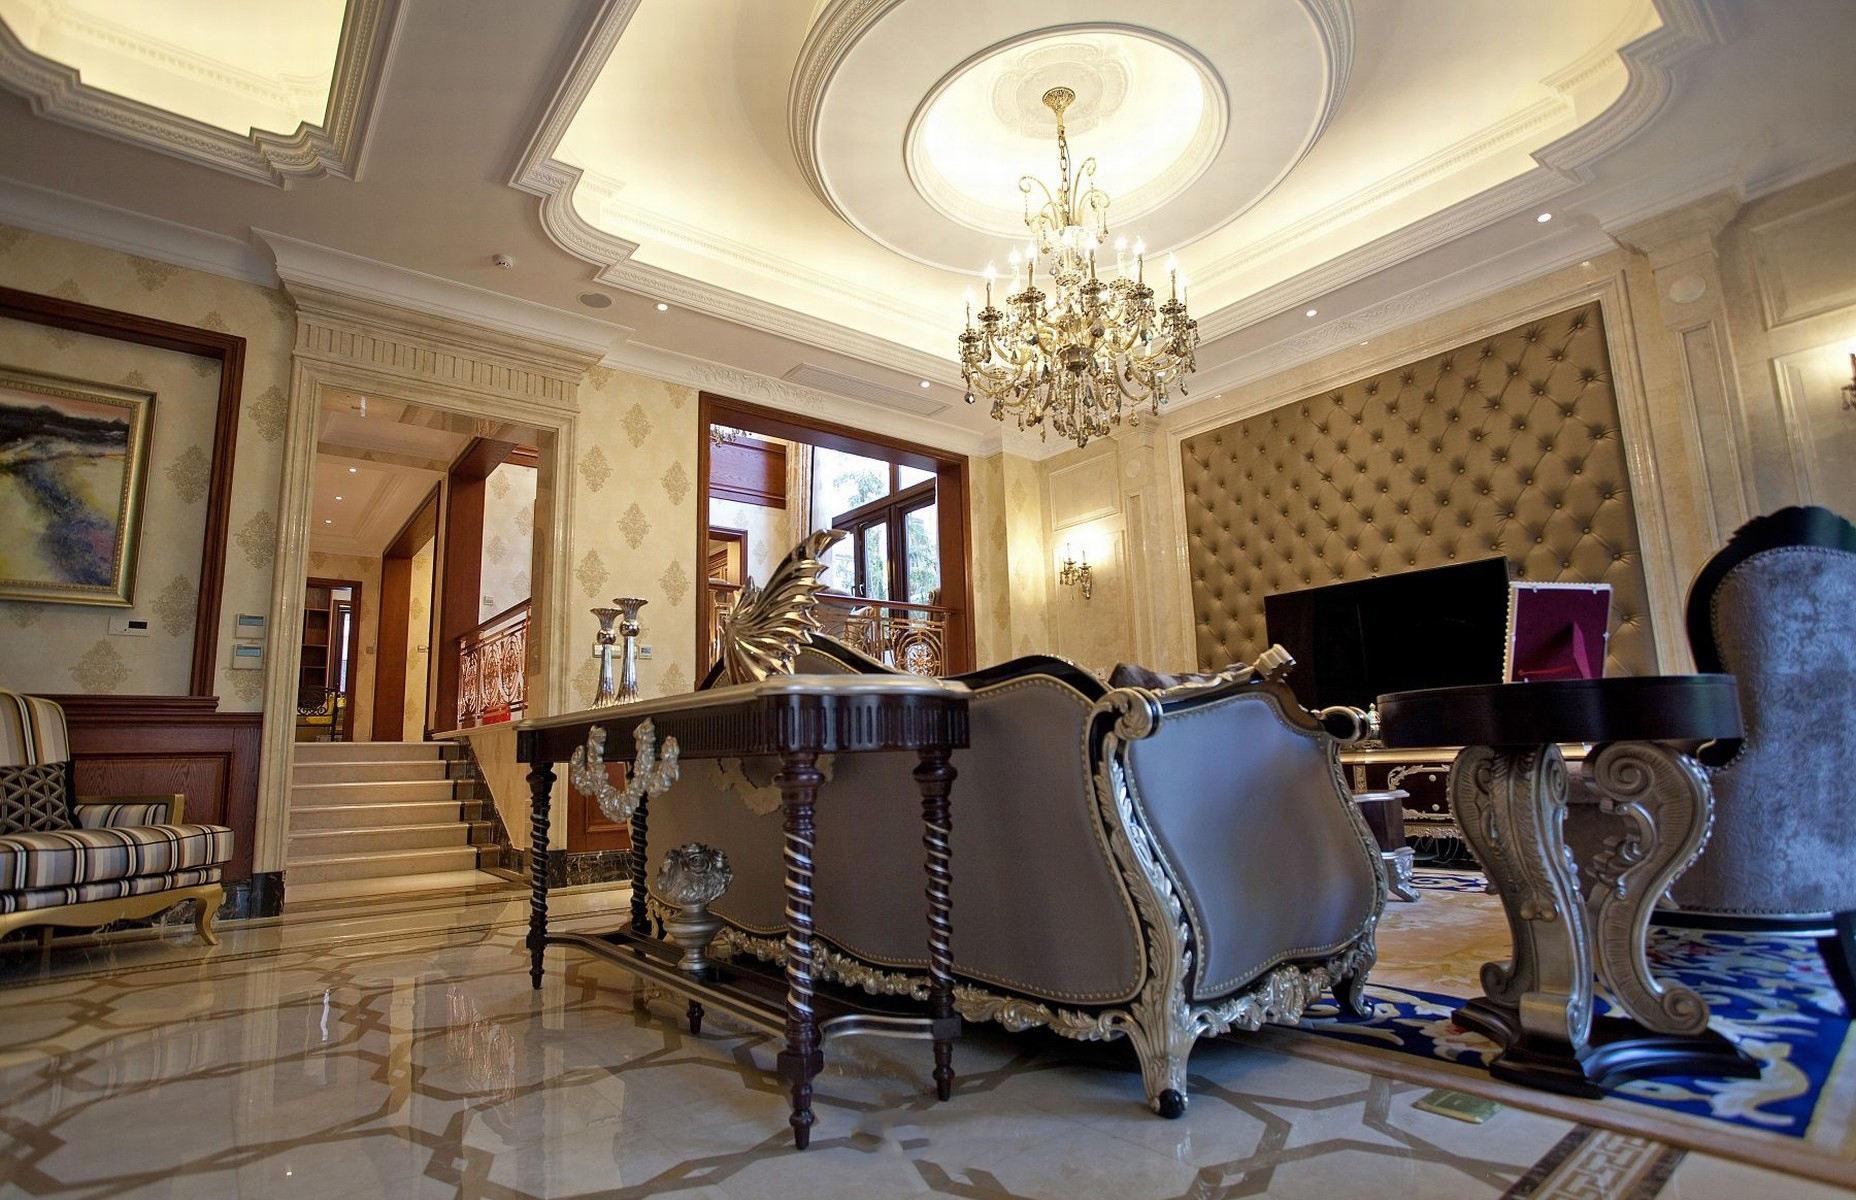 豪华别墅客厅欧式吊灯装饰图